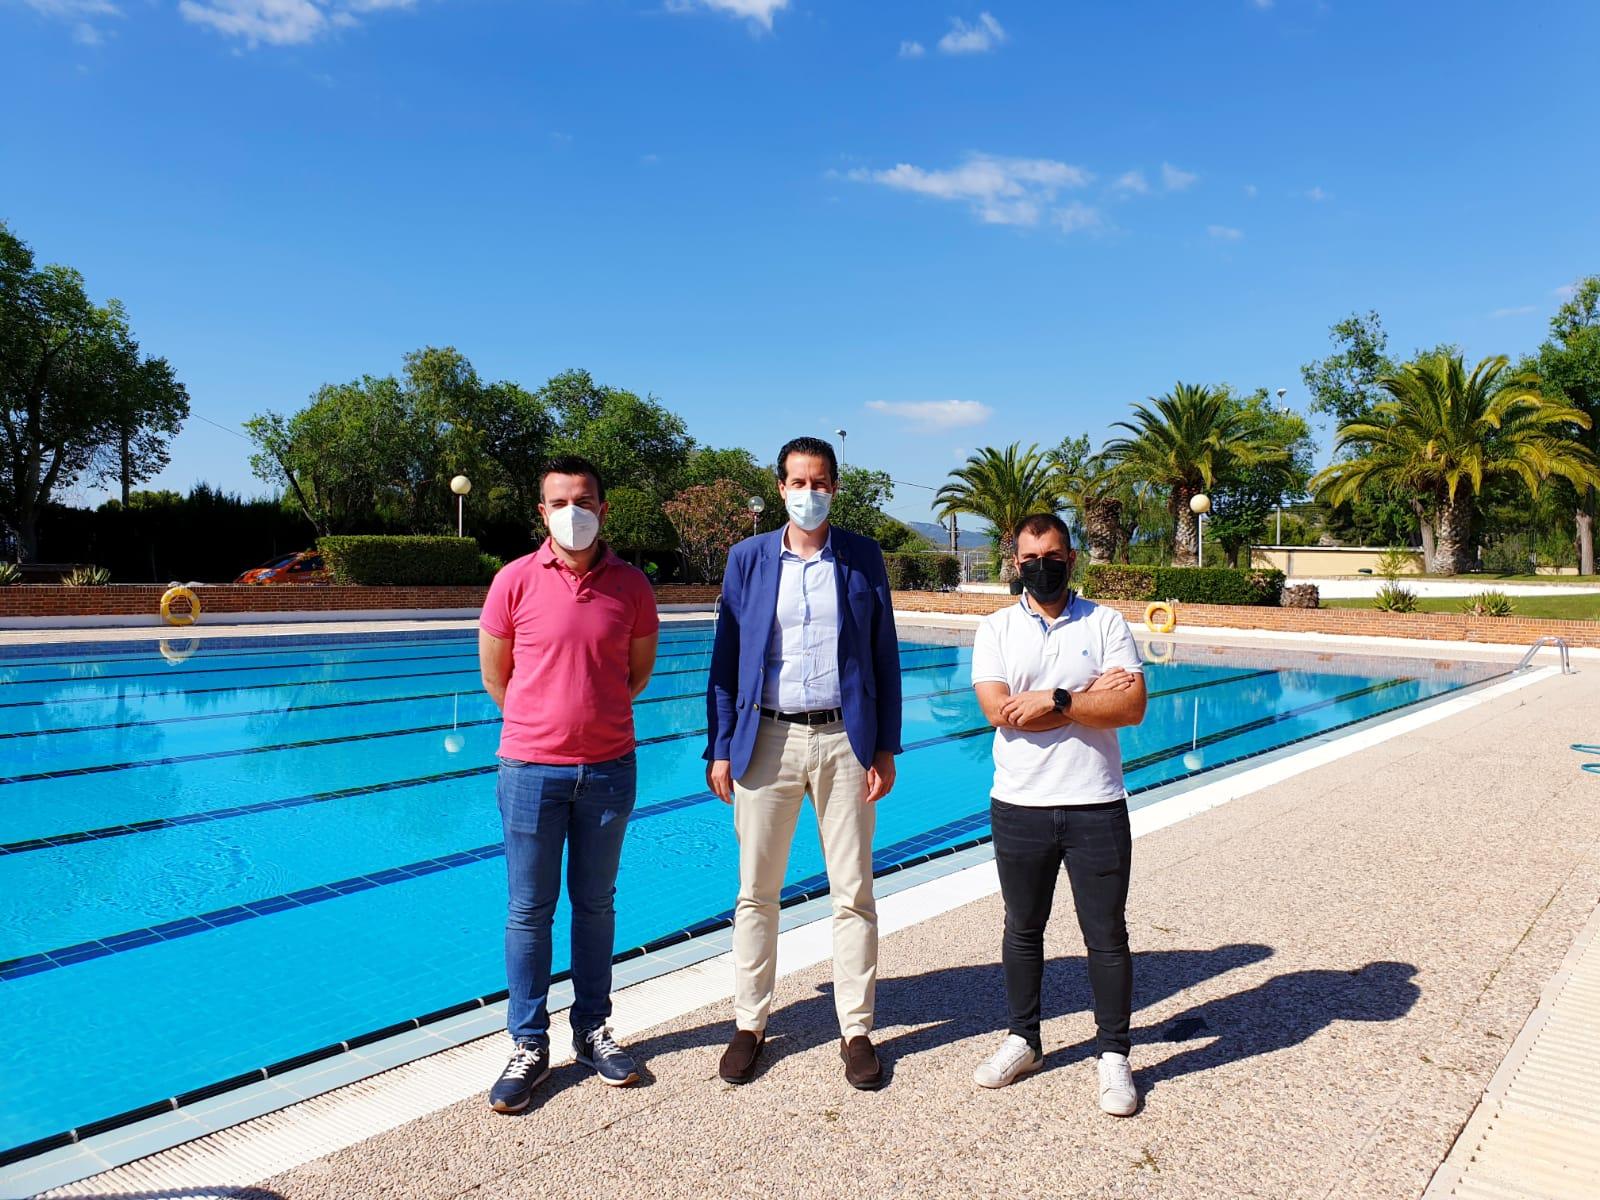 El Ayuntamiento de Elda abre el próximo viernes las piscinas de verano de San Crispín con un aforo de 225 personas